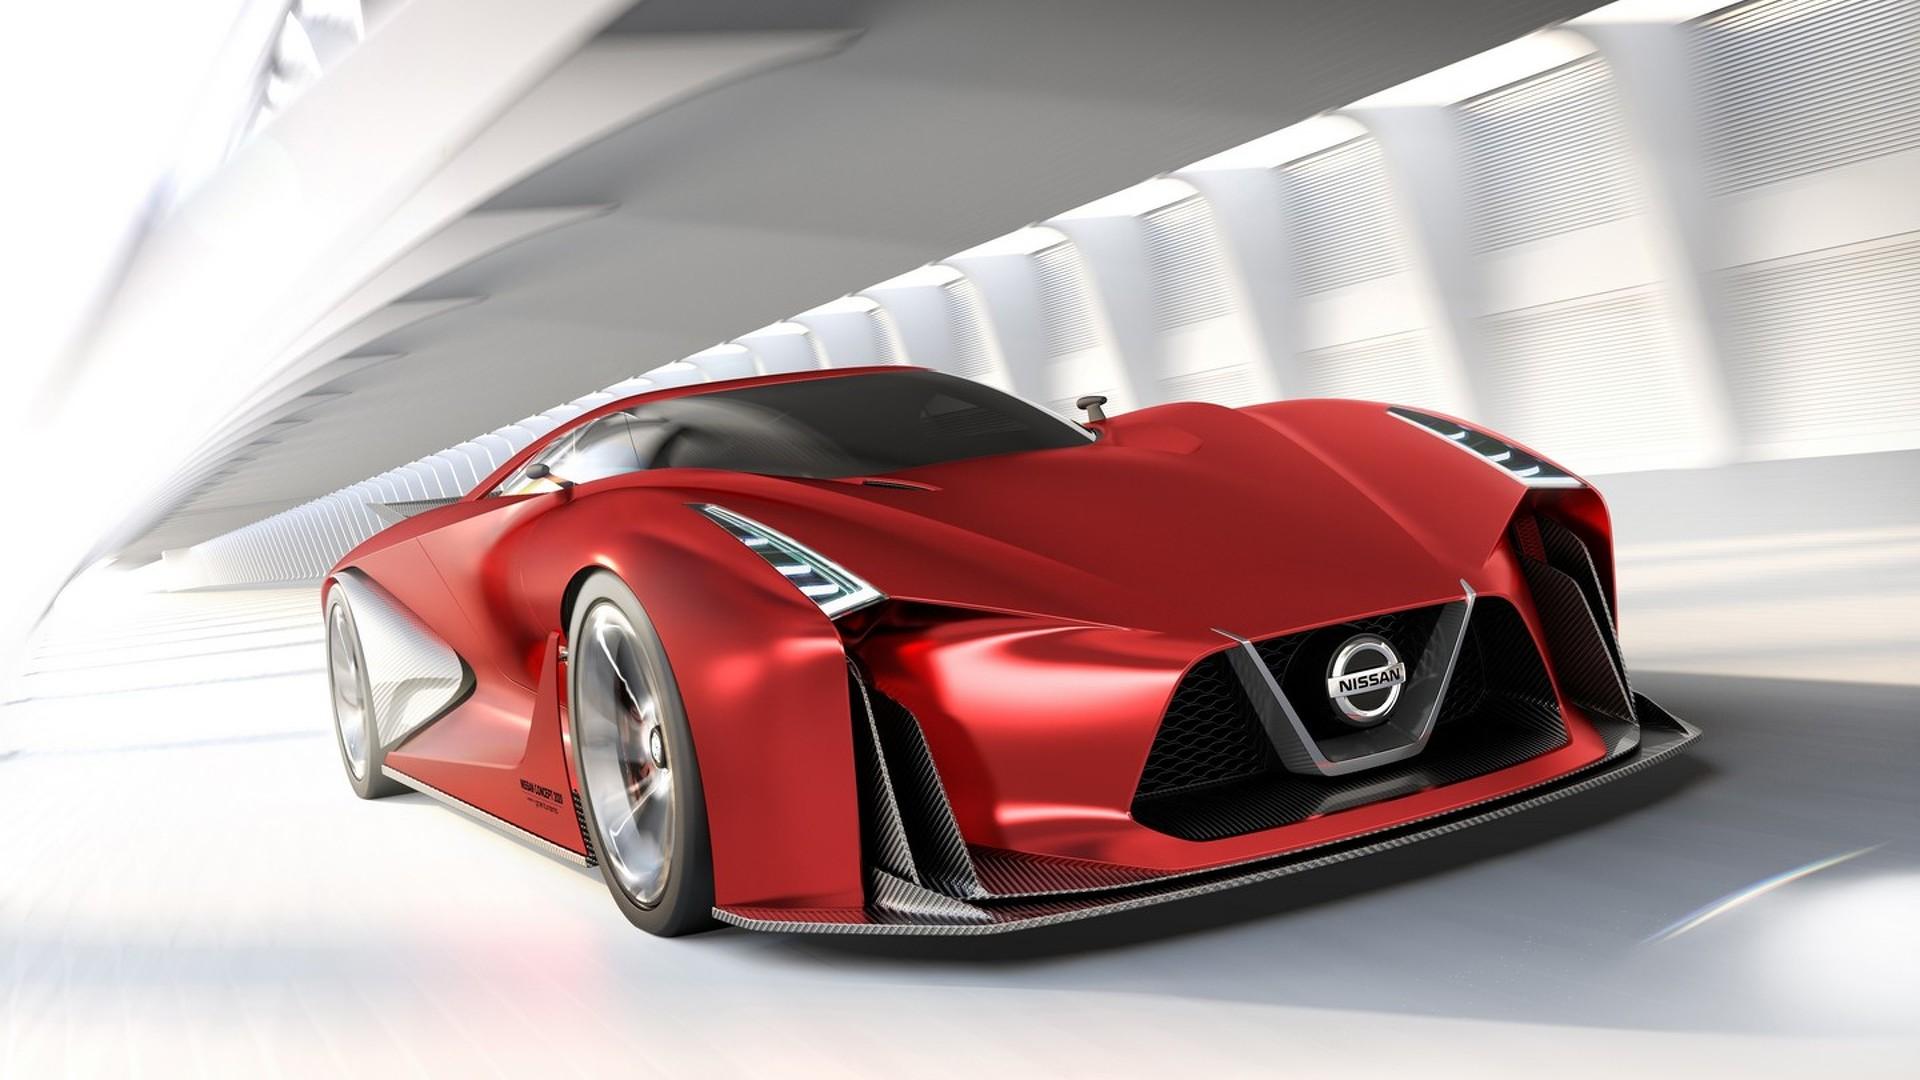 Nissan GT-R candidato a desportivo mais rápido do mundo